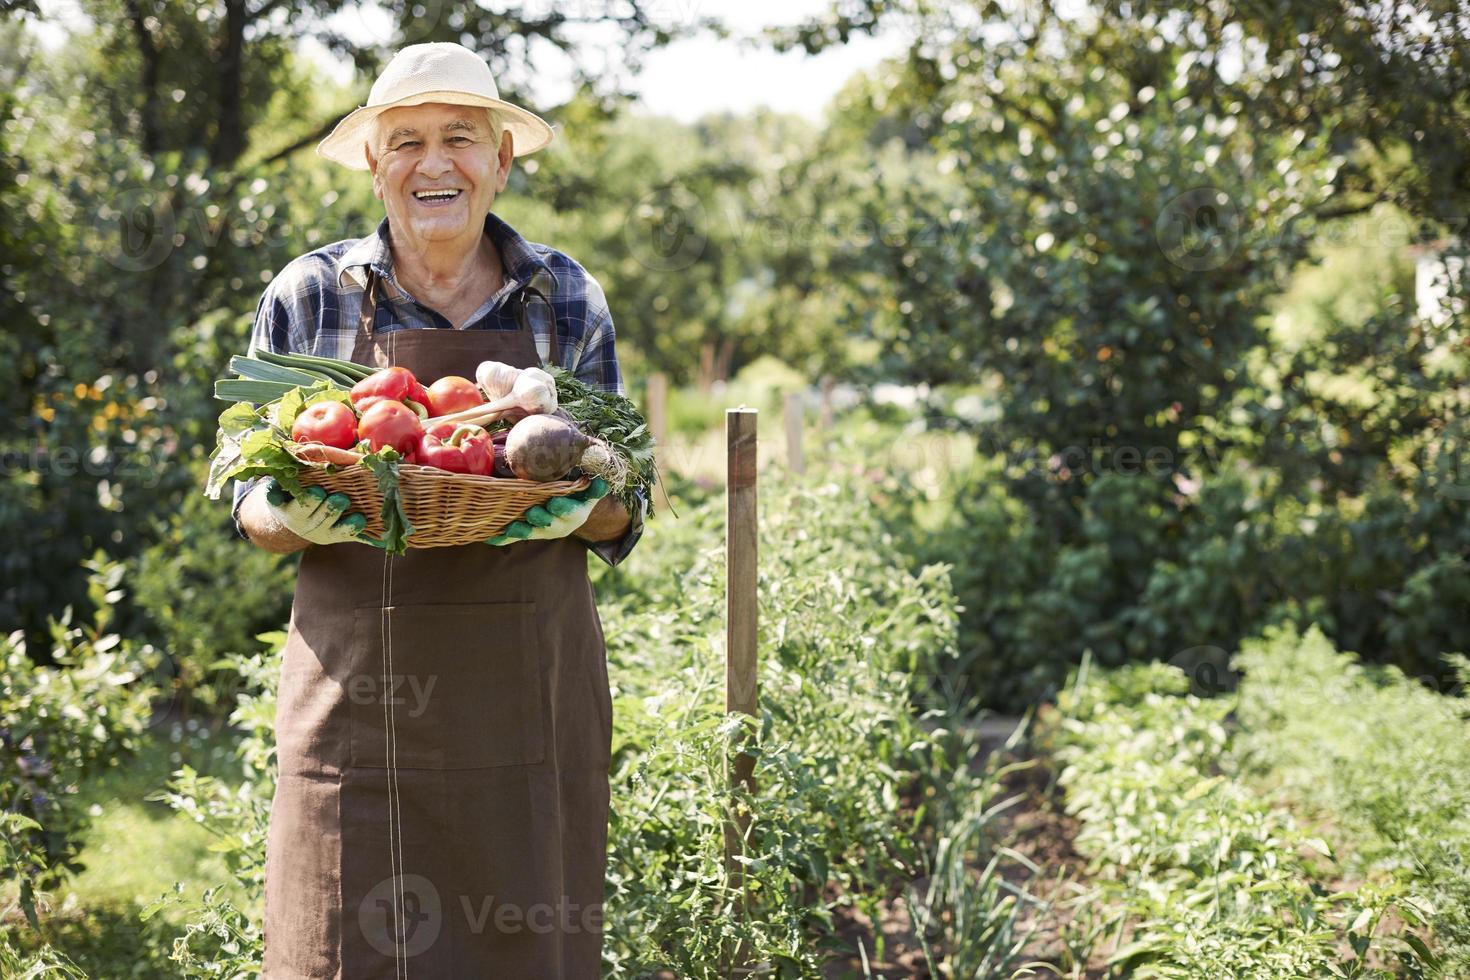 Mein Garten gibt mir viel Gemüse foto